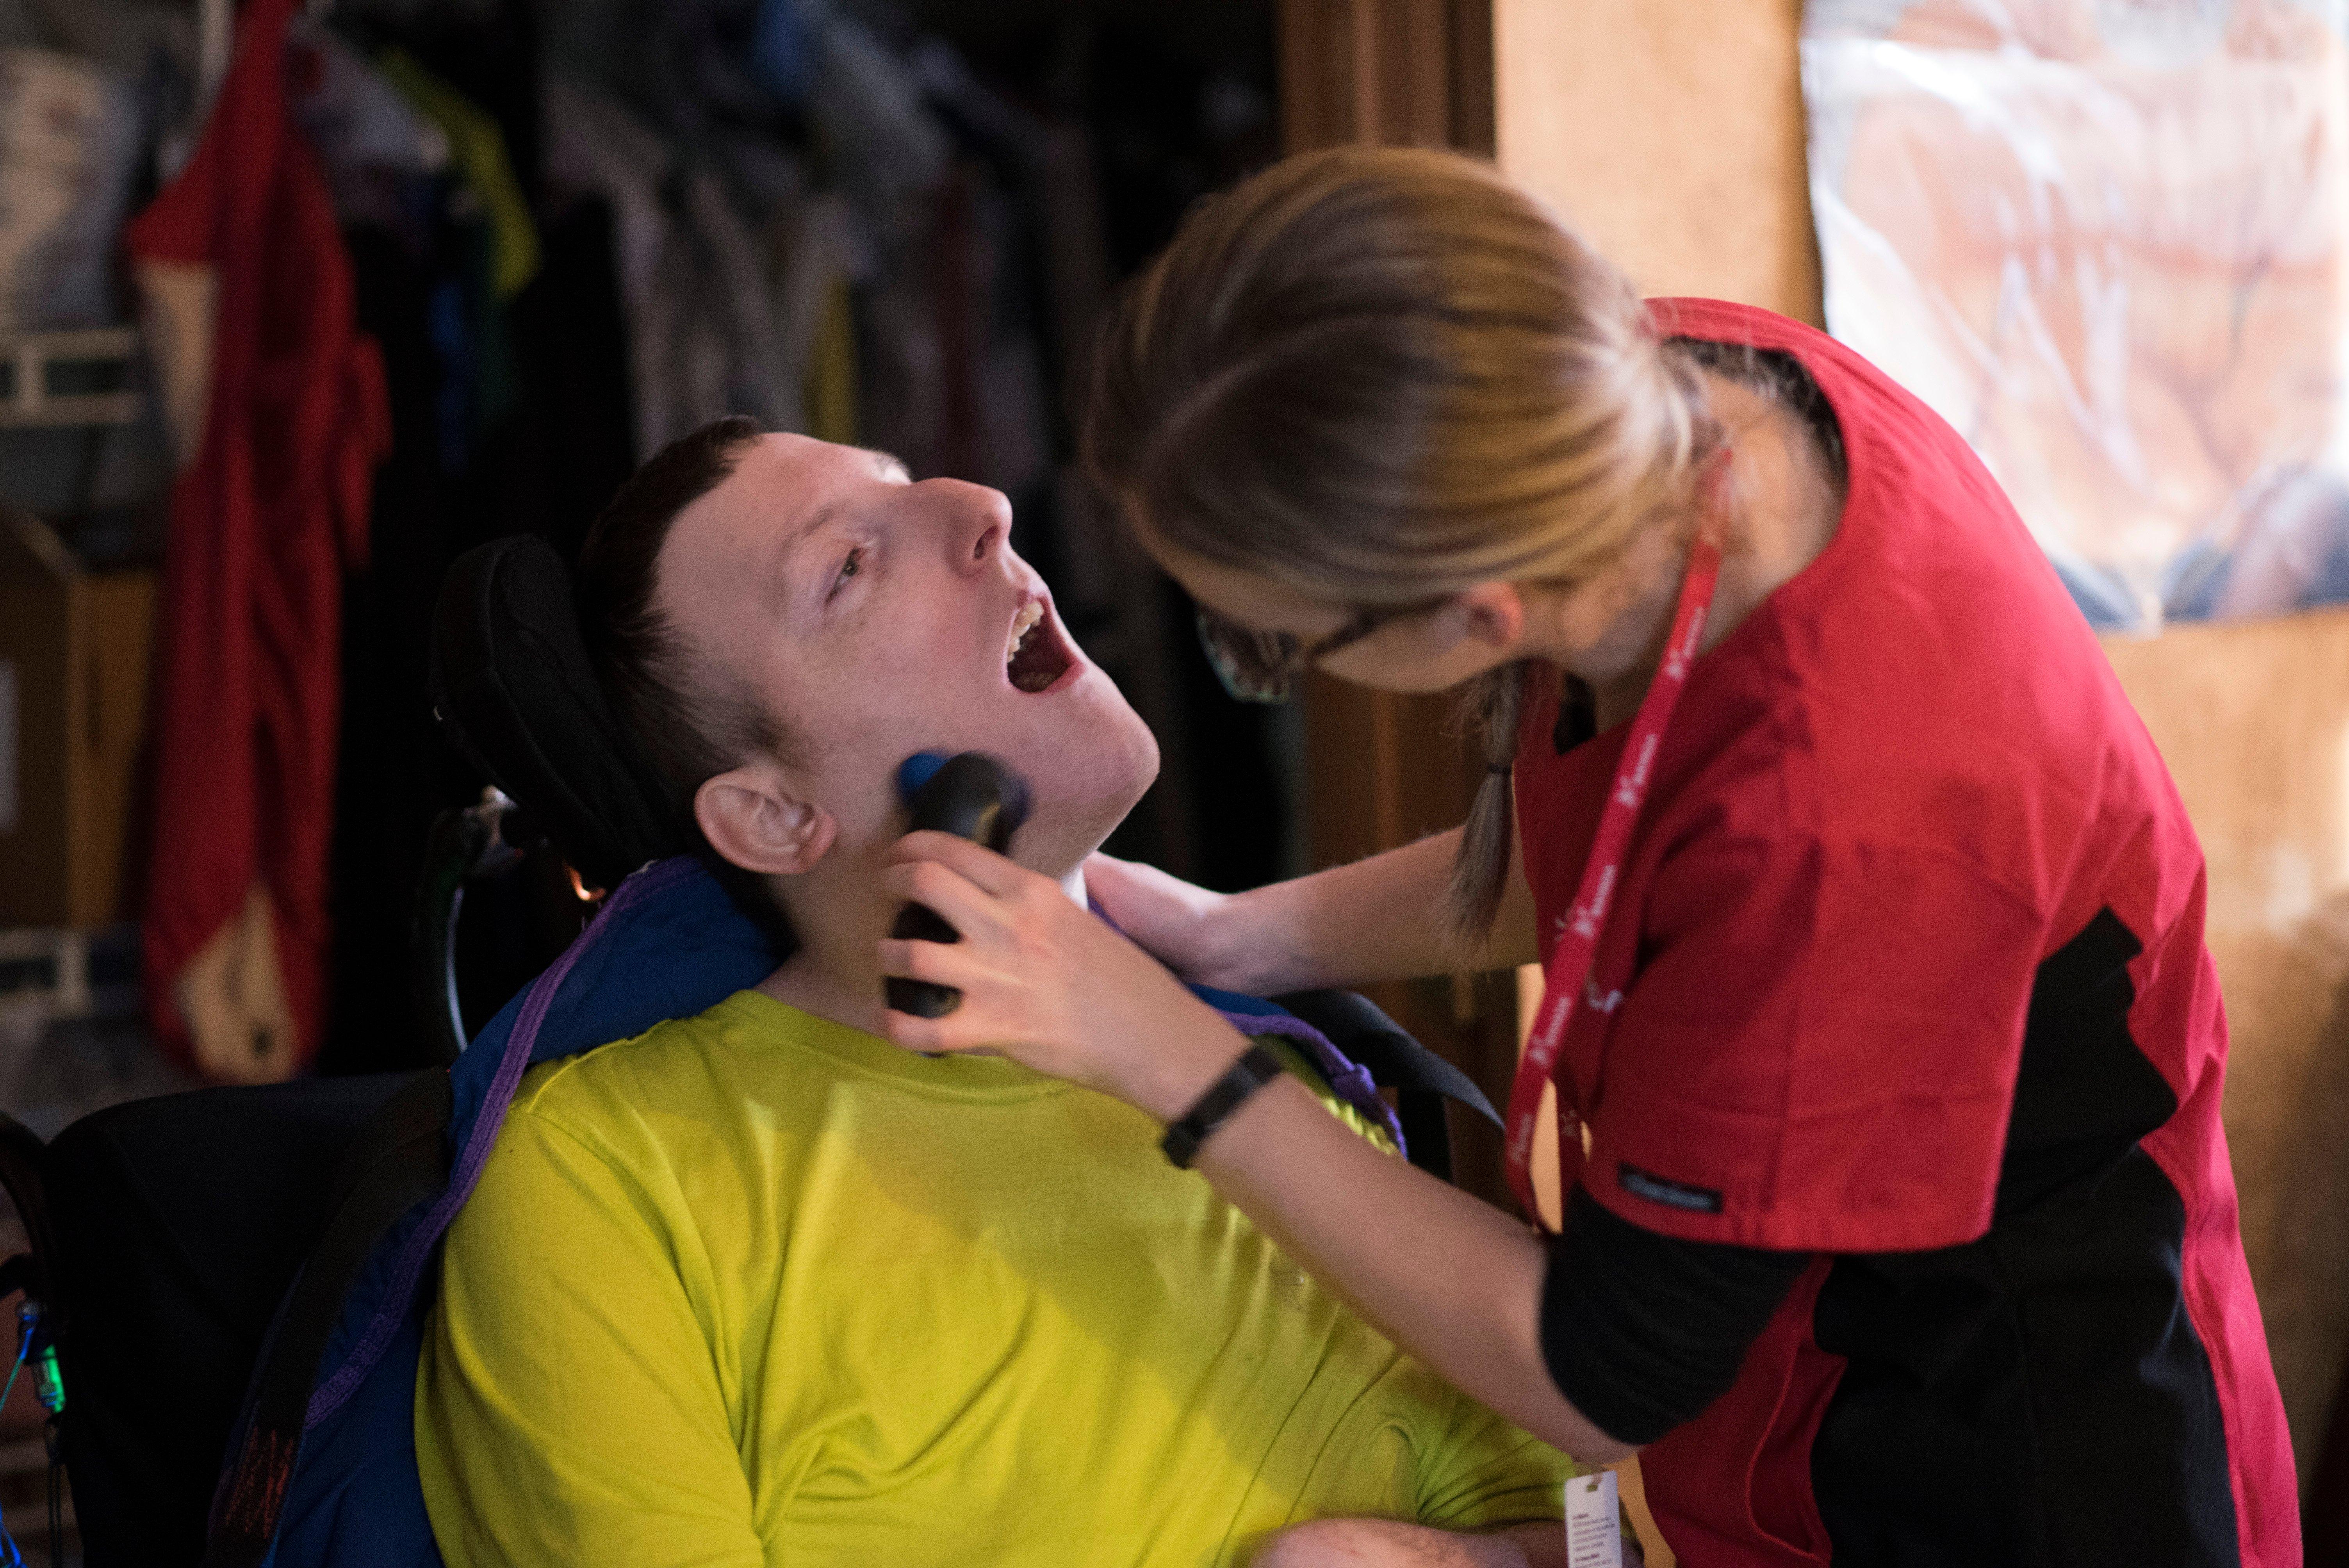 Home health aide duties: photo of a HHA shaving a client